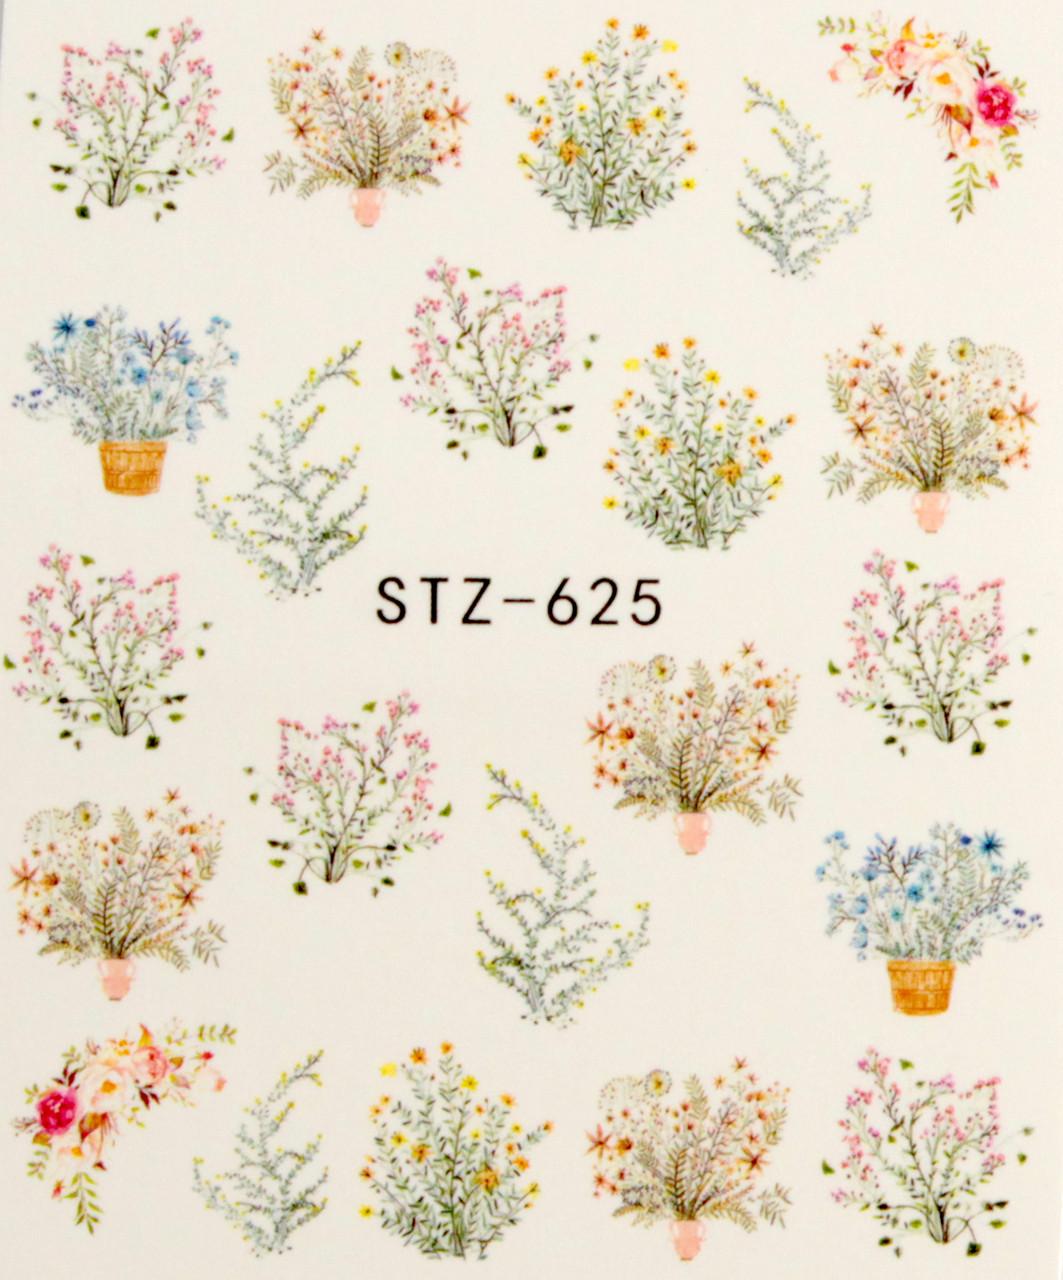 Водные наклейки для маникюра цветы STZ-625